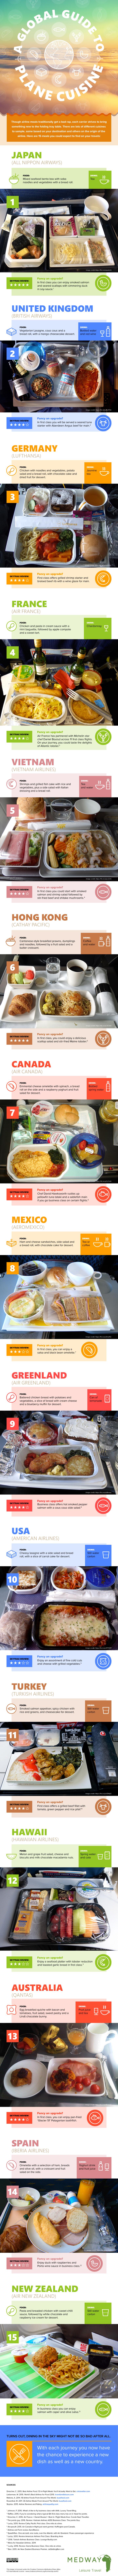 a-plane-guide-to-plane-cuisine Infographie : le tour du monde des plateaux-repas dans les avions !